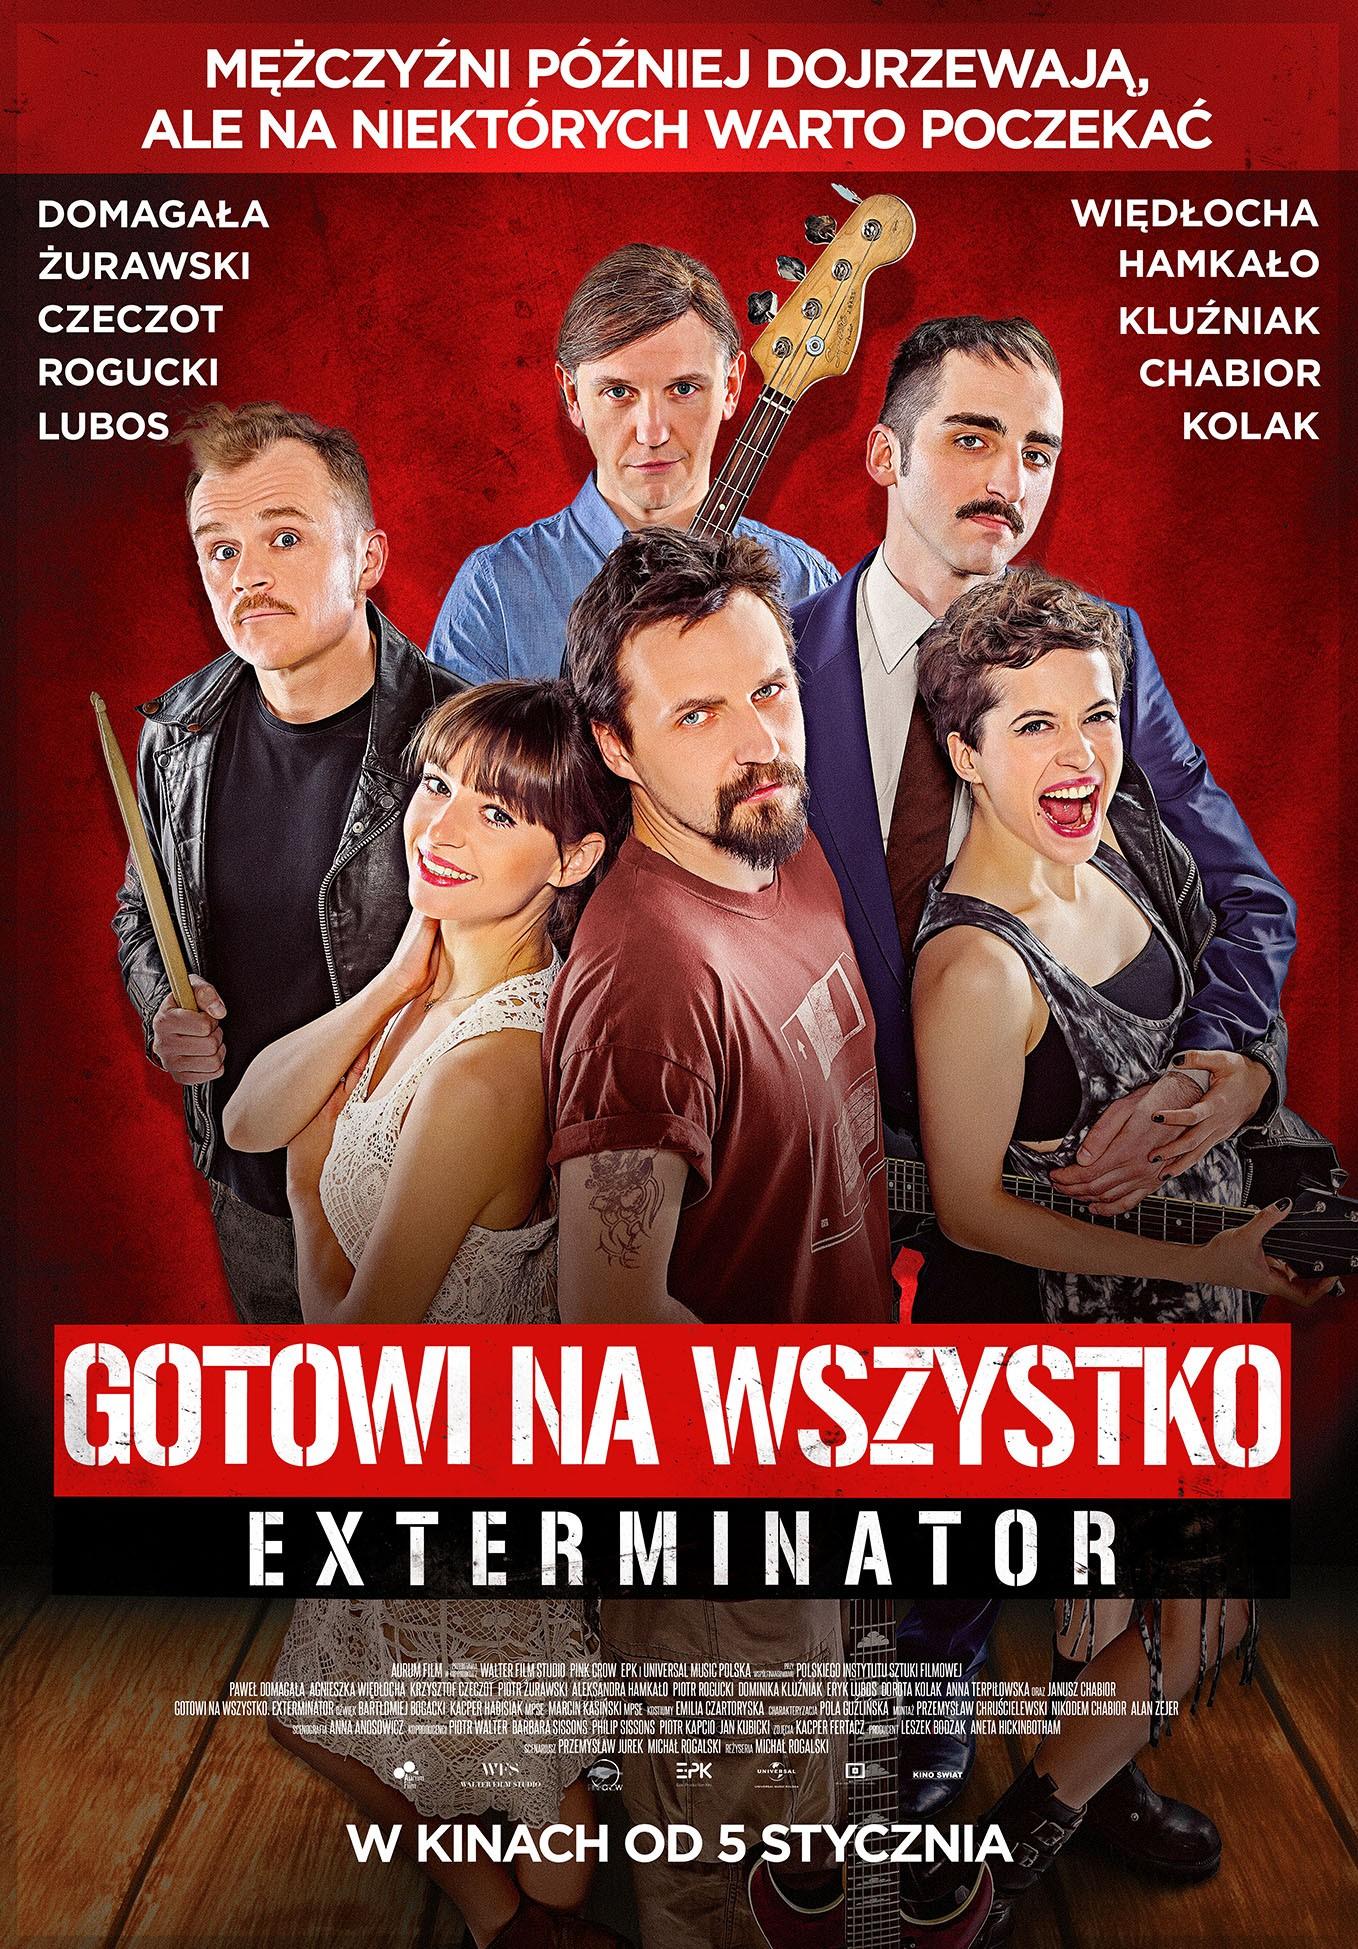 GOTOWI NA WSZYSTKO EXTERMINATOR oficjalny plakat.jpg